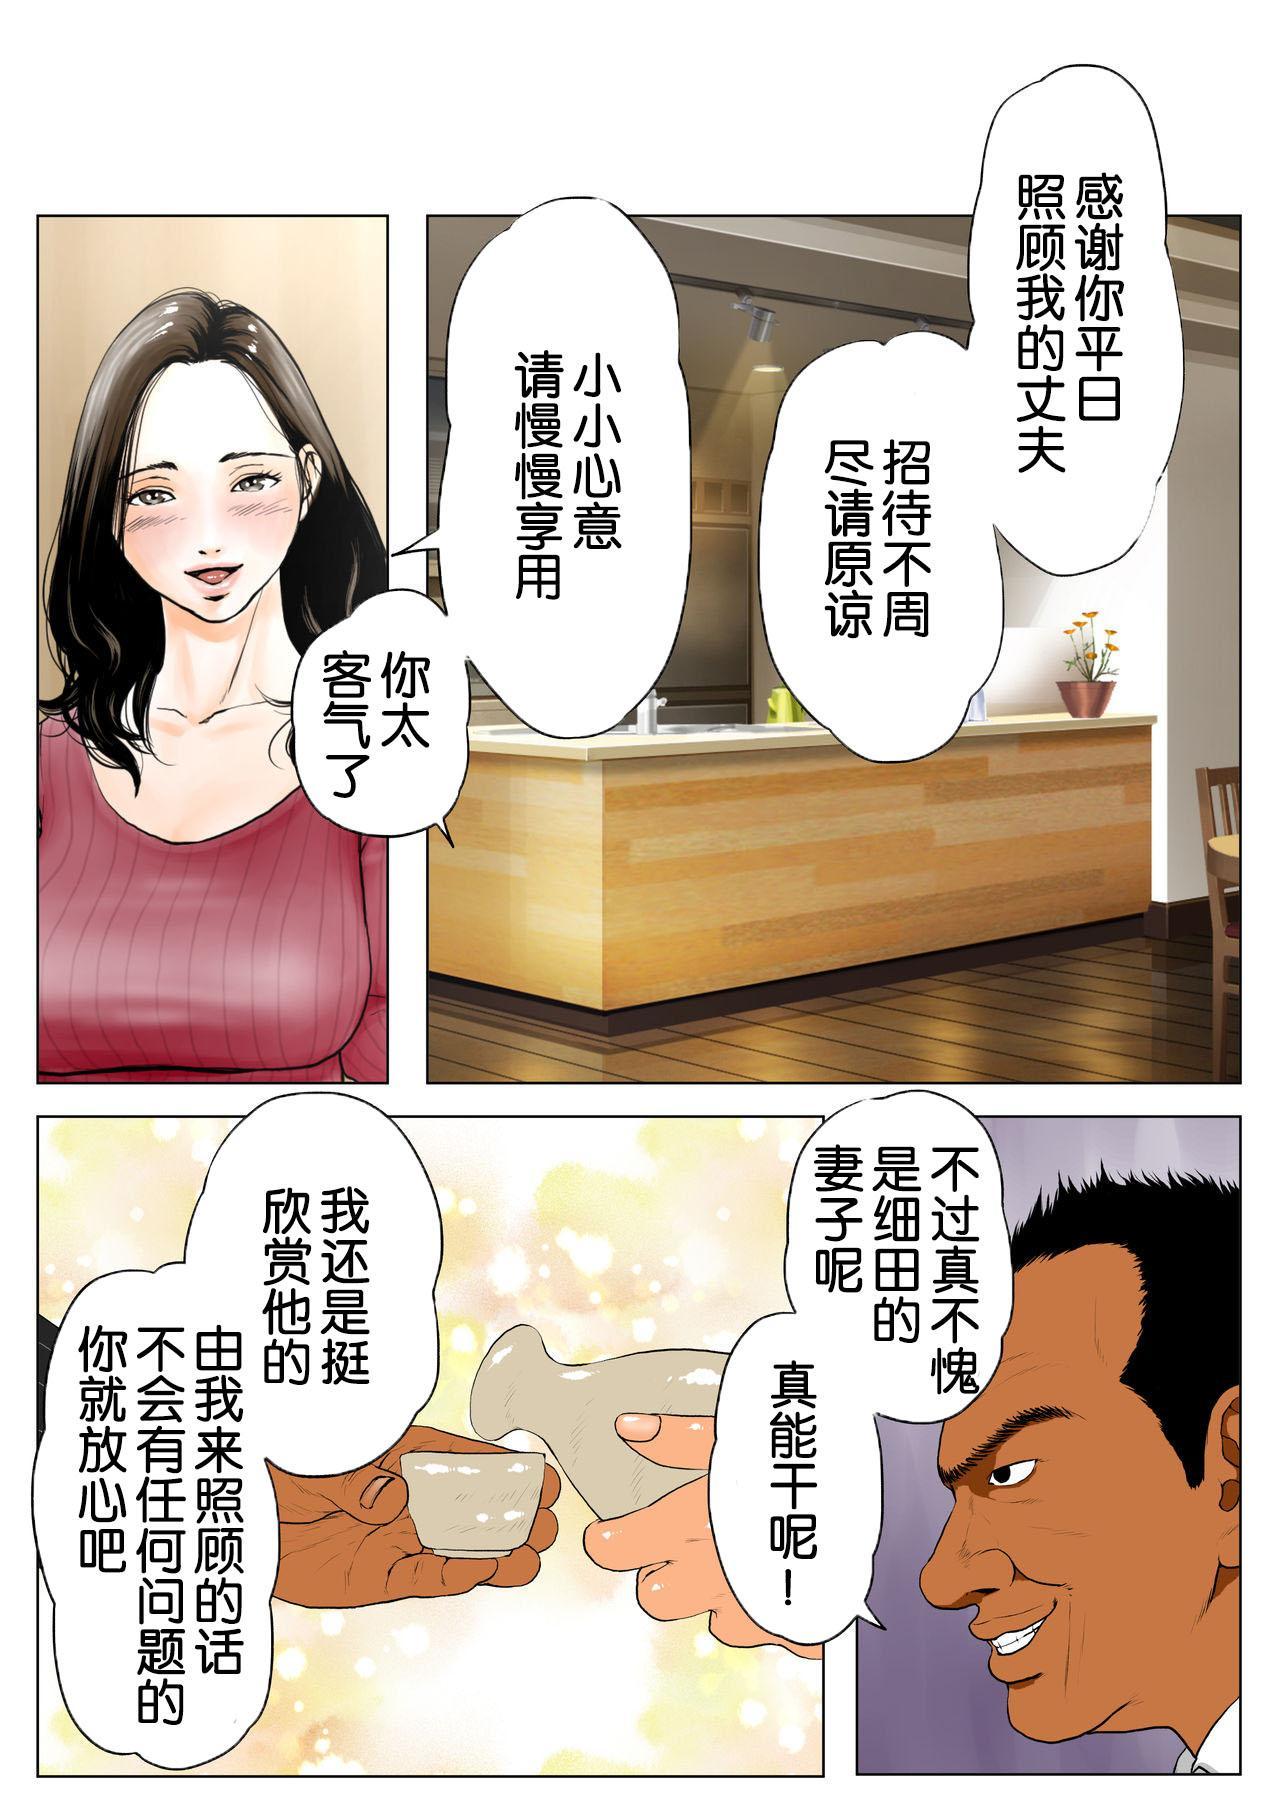 [W no Honnou] Shin, Boku no Tsuma to Kyokon no Moto AV Danyuu Buchou[Chinese]【不可视汉化】 15